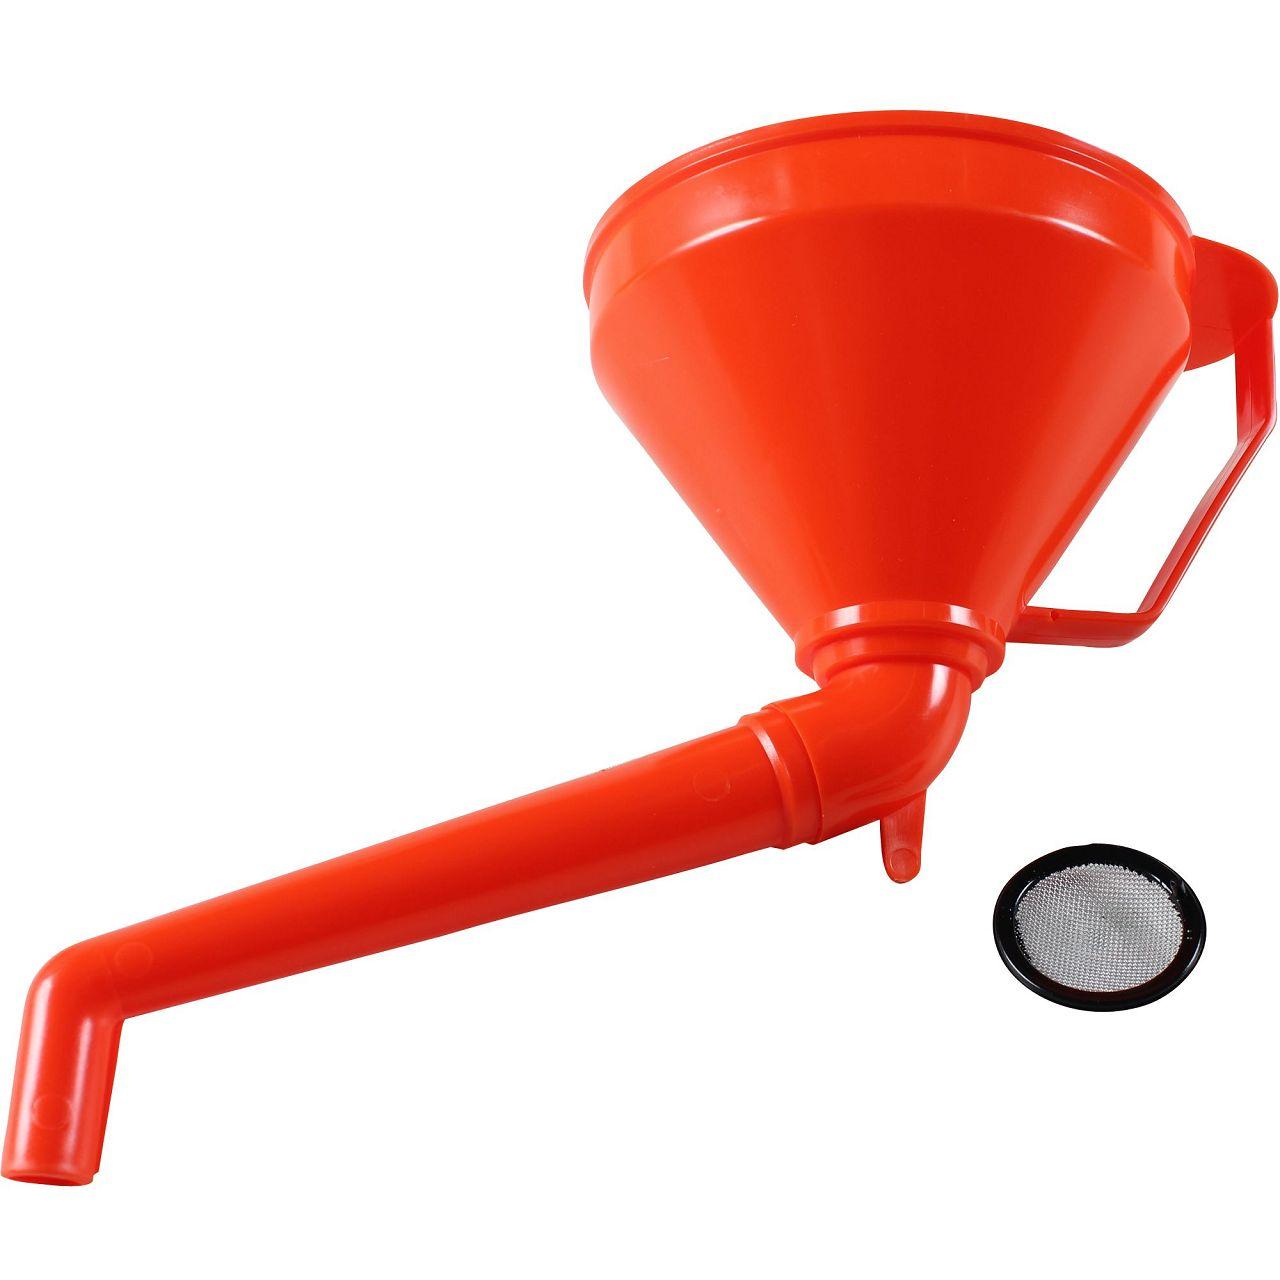 Trichter Einfülltrichter Nachfülltrichter mit Sieb ORANGE Durchmesser Ø 160 mm